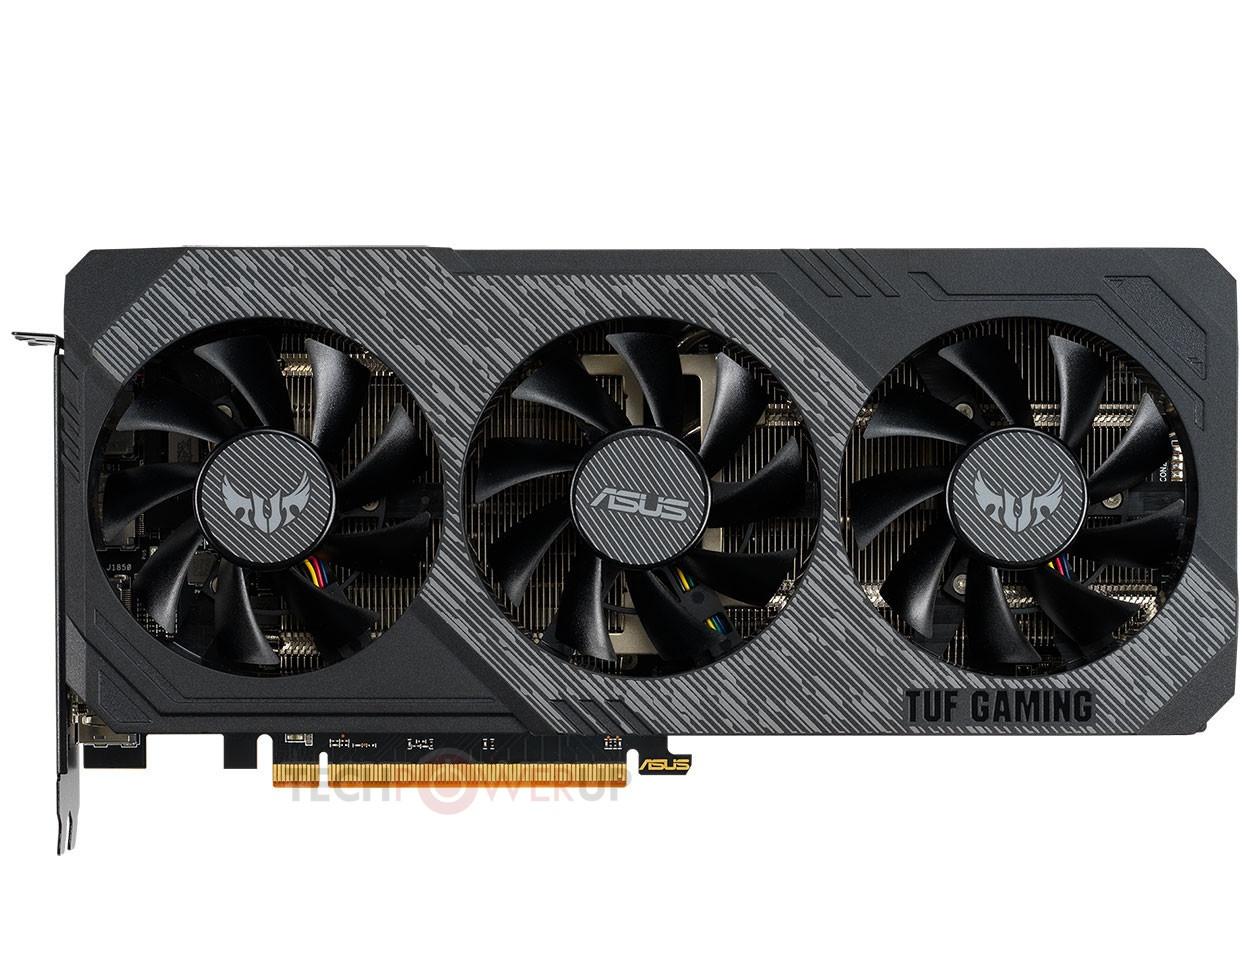 ASUS начала предлагать видеокарты Radeon RX 5700 в версии TUF Gaming X3